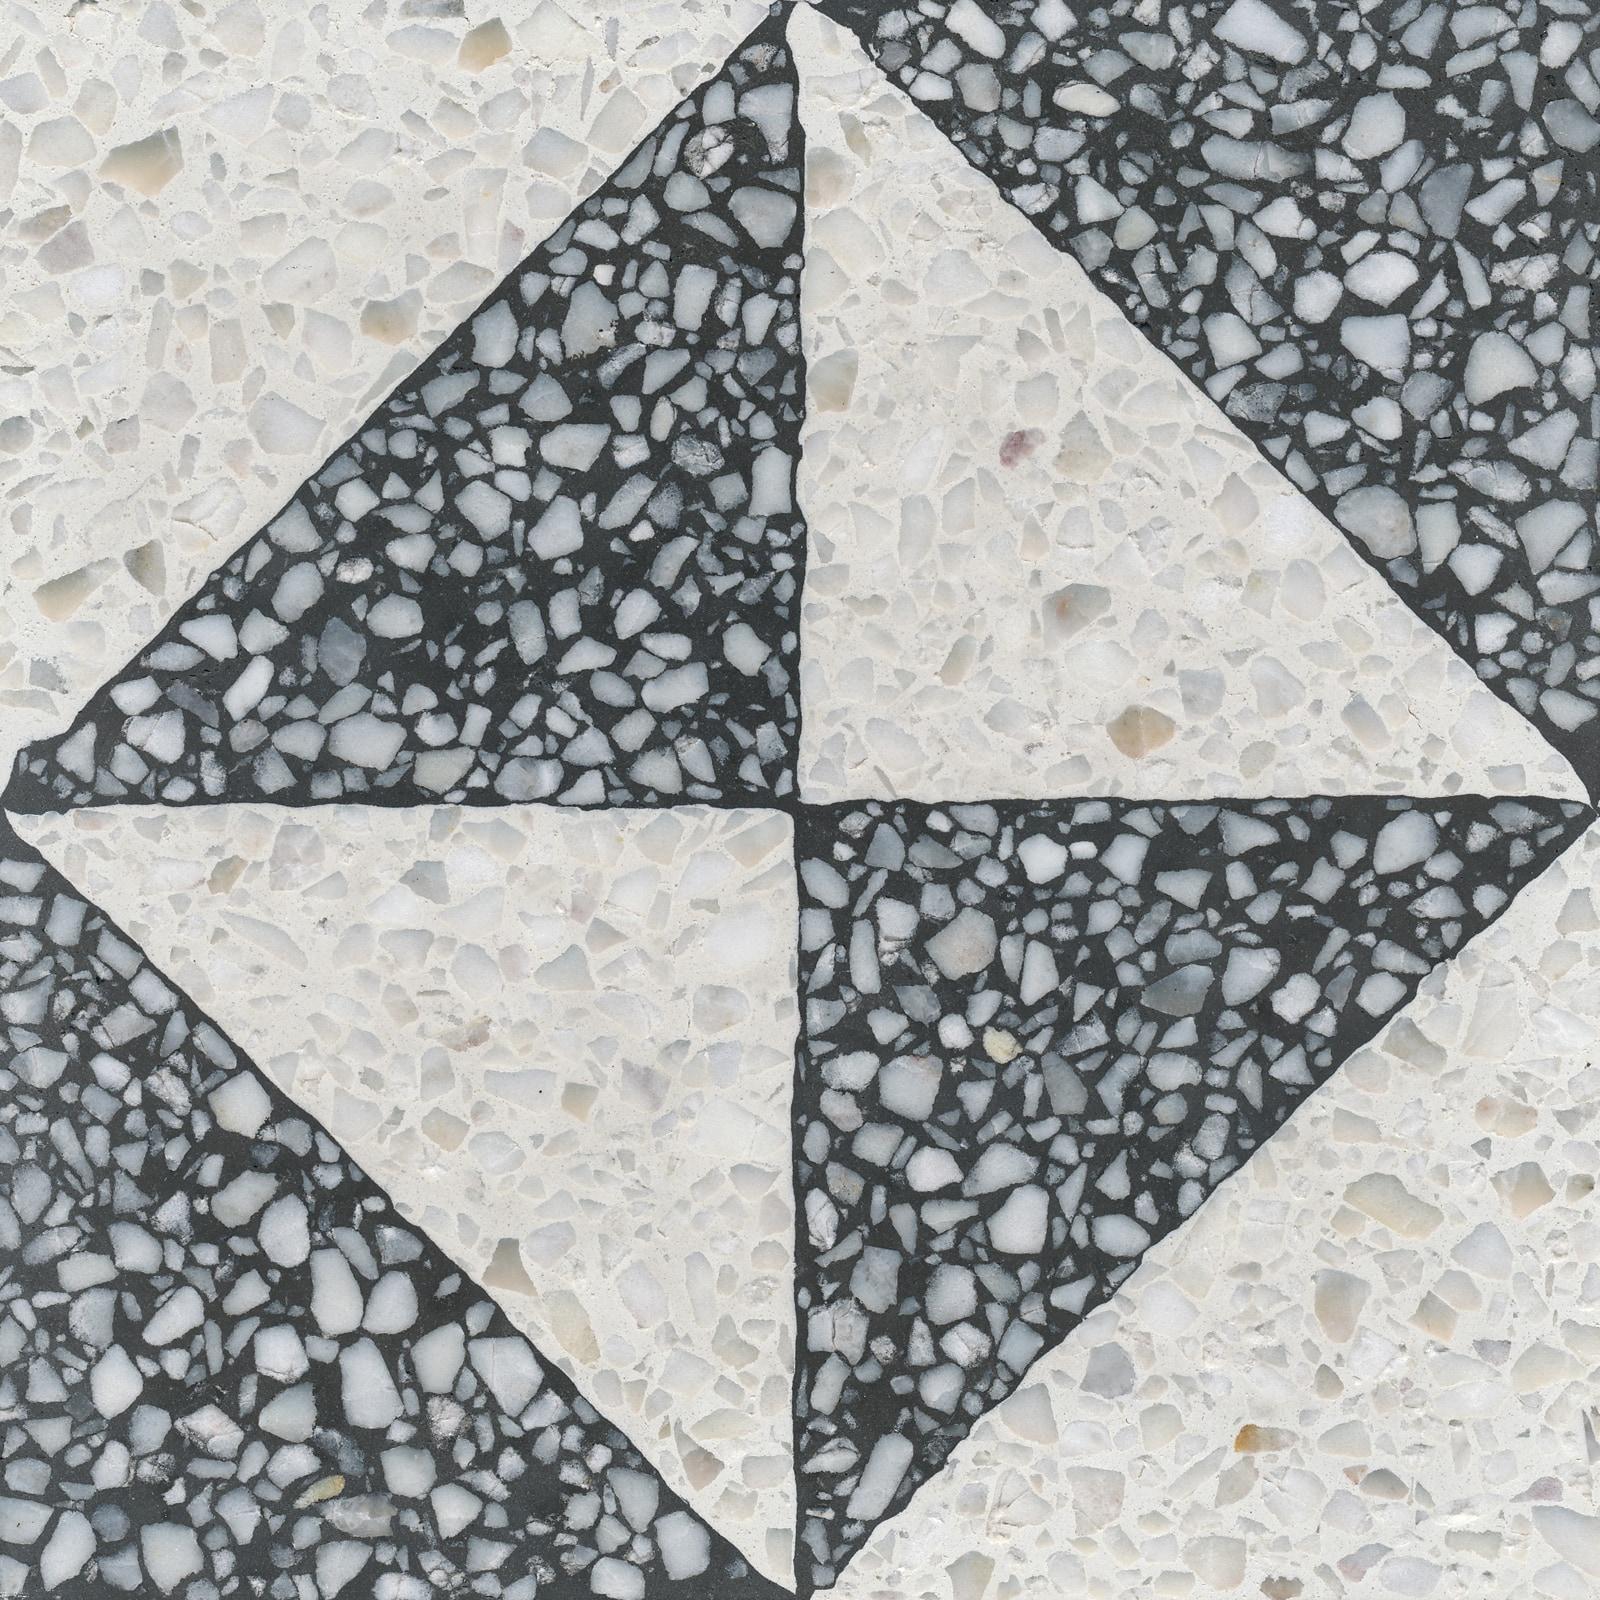 VIA Terrazzofliese Muster in schwarz und weiß